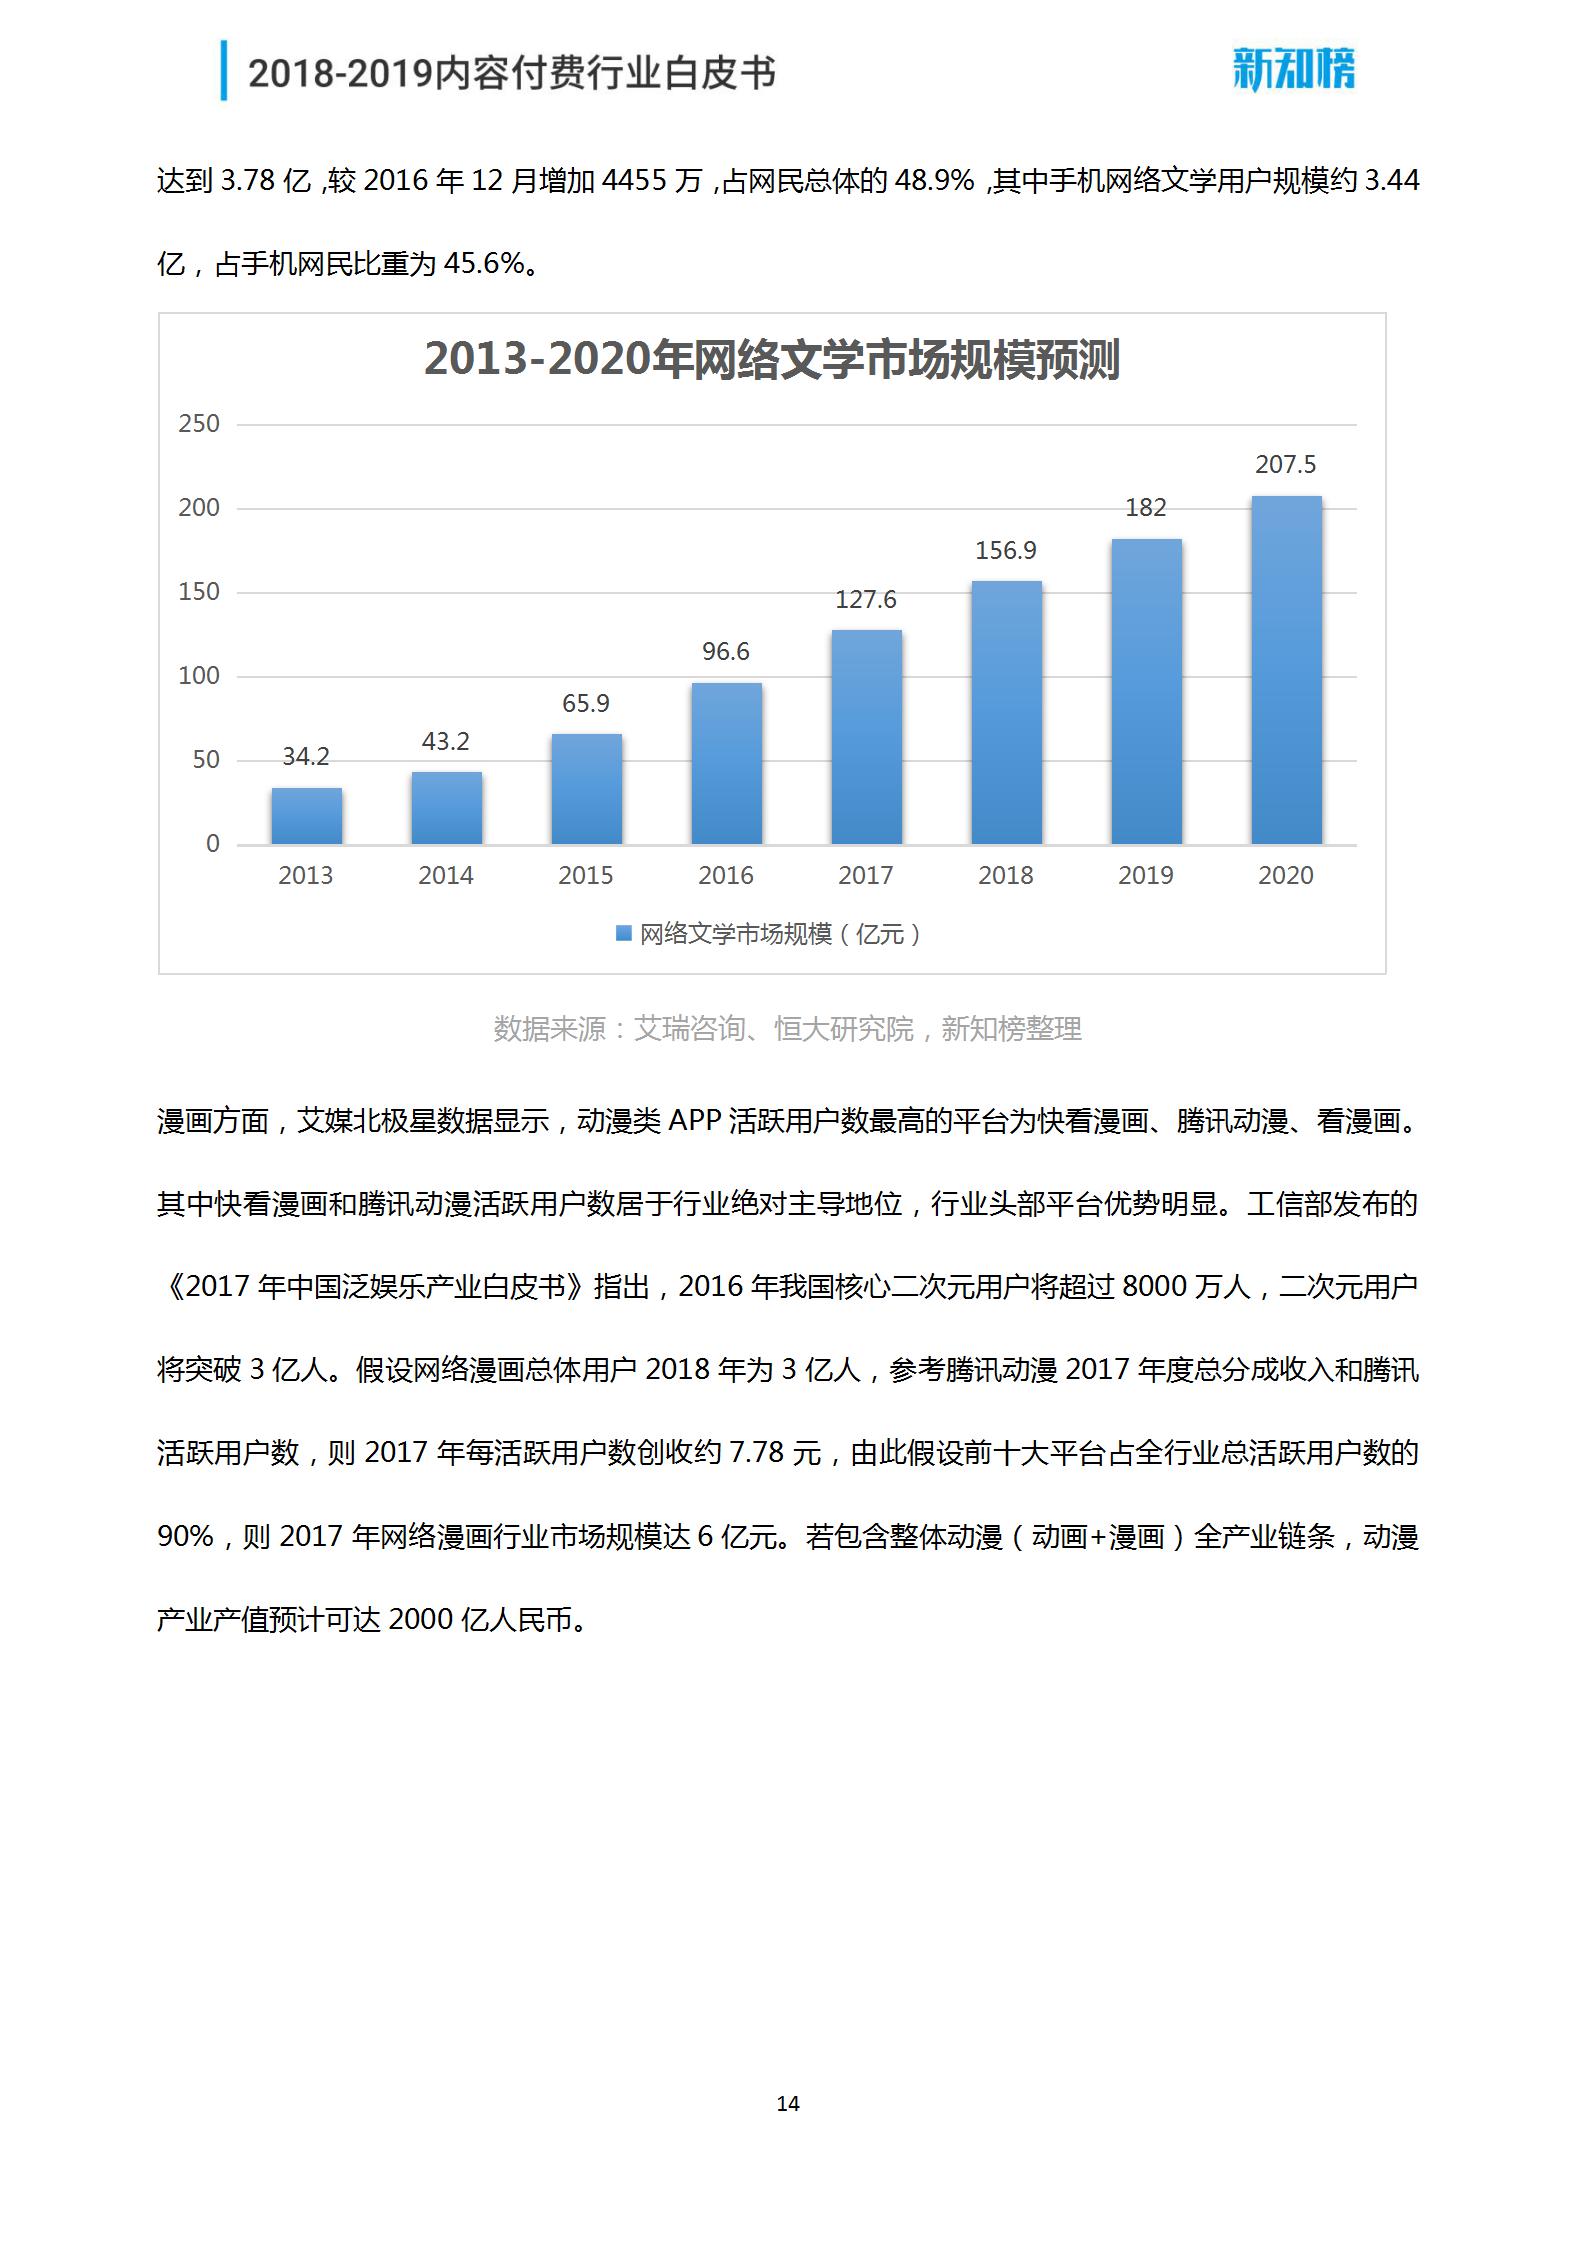 新知榜2018-2019内容付费行业白皮书_14.png